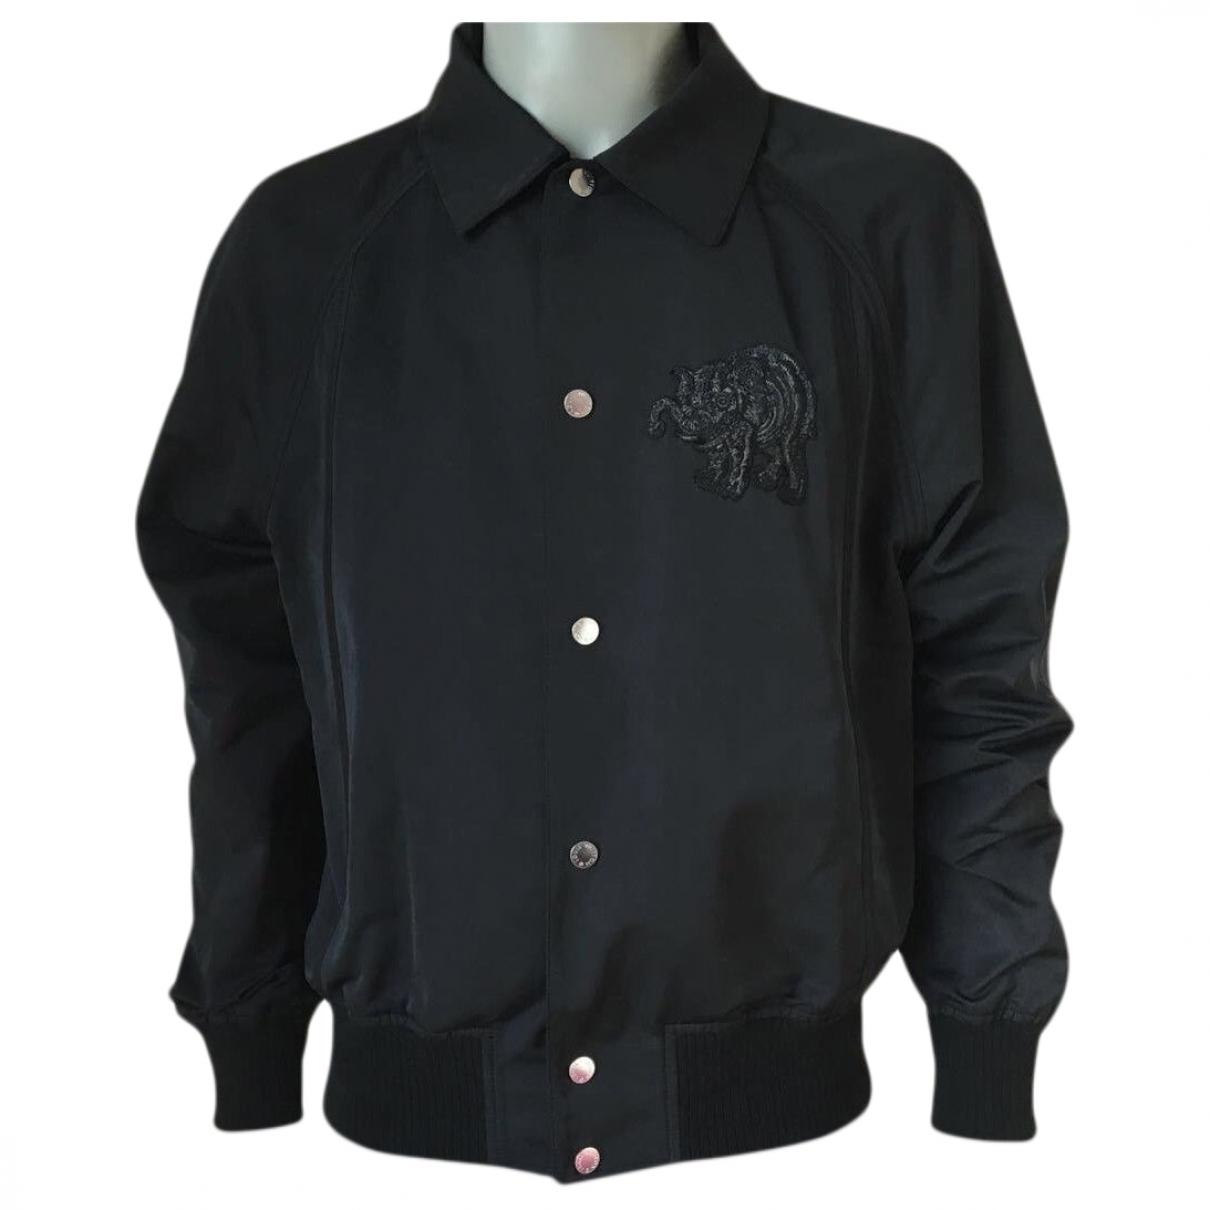 Louis Vuitton - Vestes.Blousons   pour homme - noir